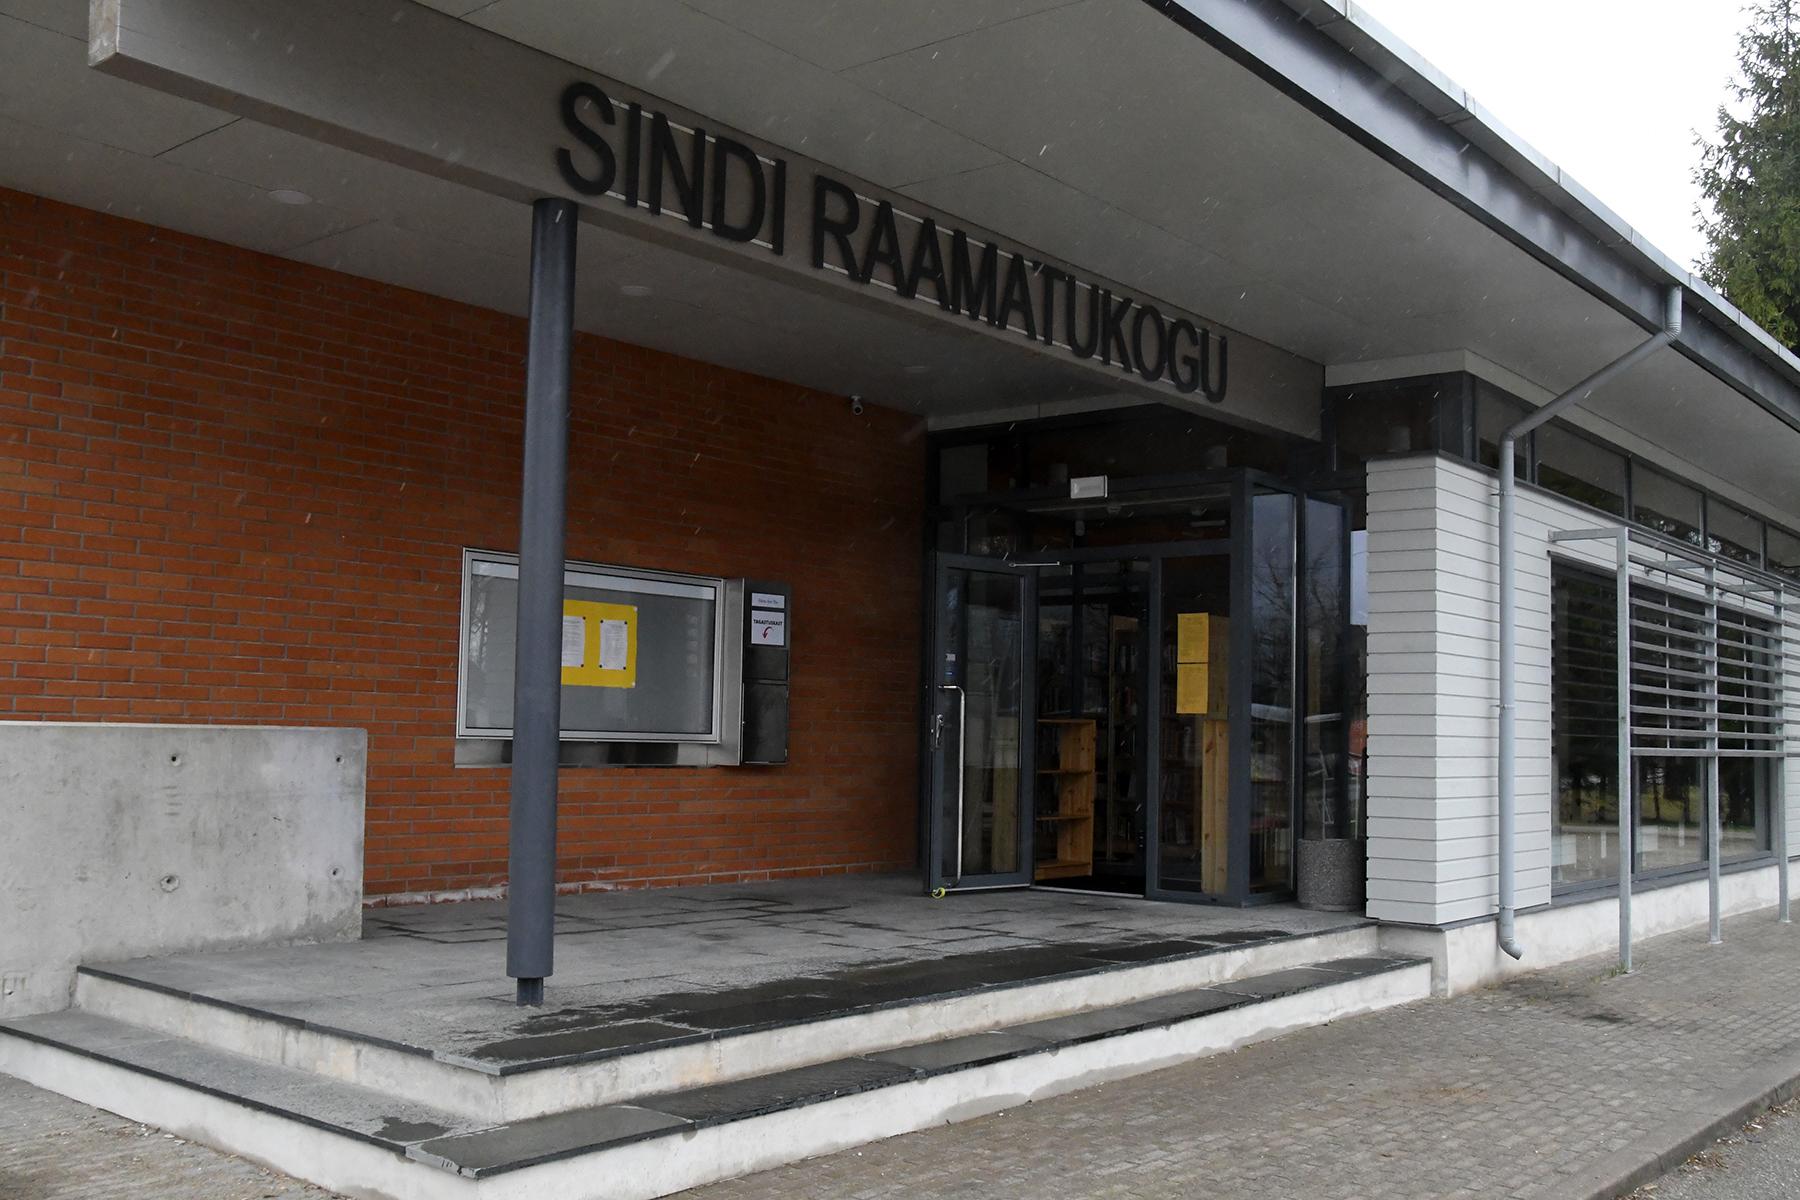 Sindi raamatukogu asub juba mõnda aega uues asukohas. Foto: Urmas Saard